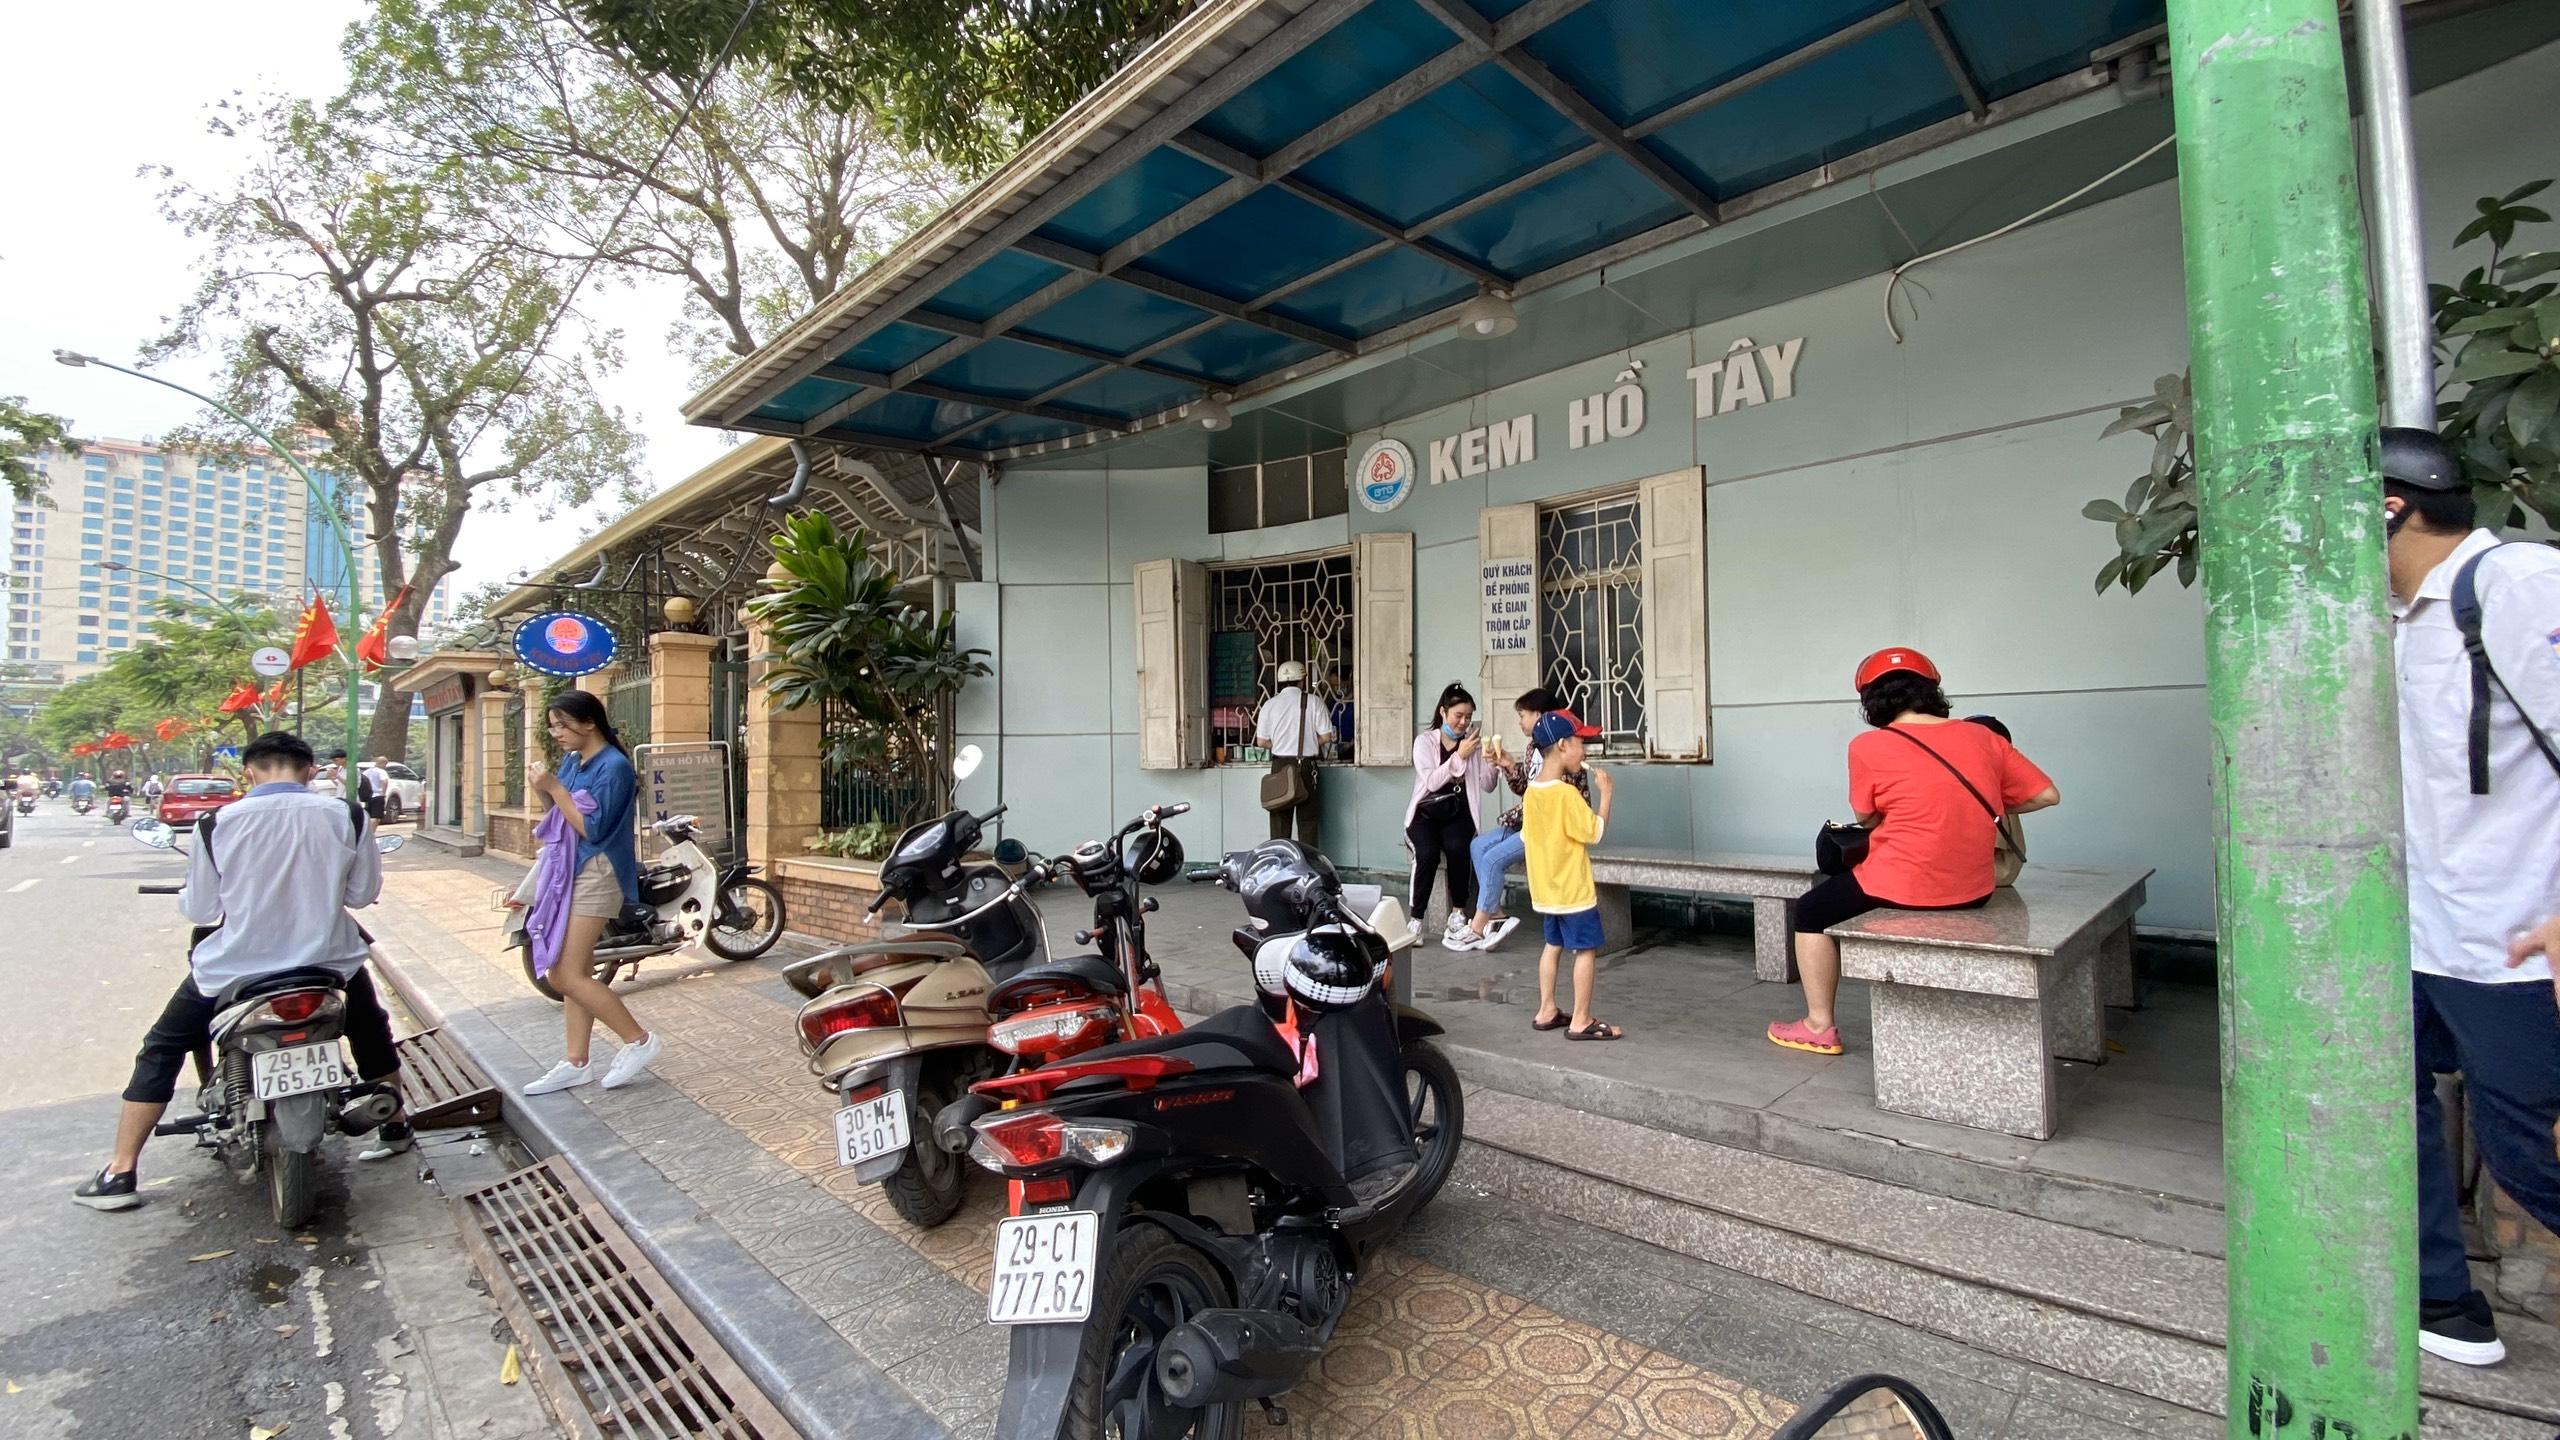 Những ngày đầu hè, người dân đã rủ nhau đến tiệm kem nức tiếng của Hà Nội để hạ nhiệt - Ảnh 4.